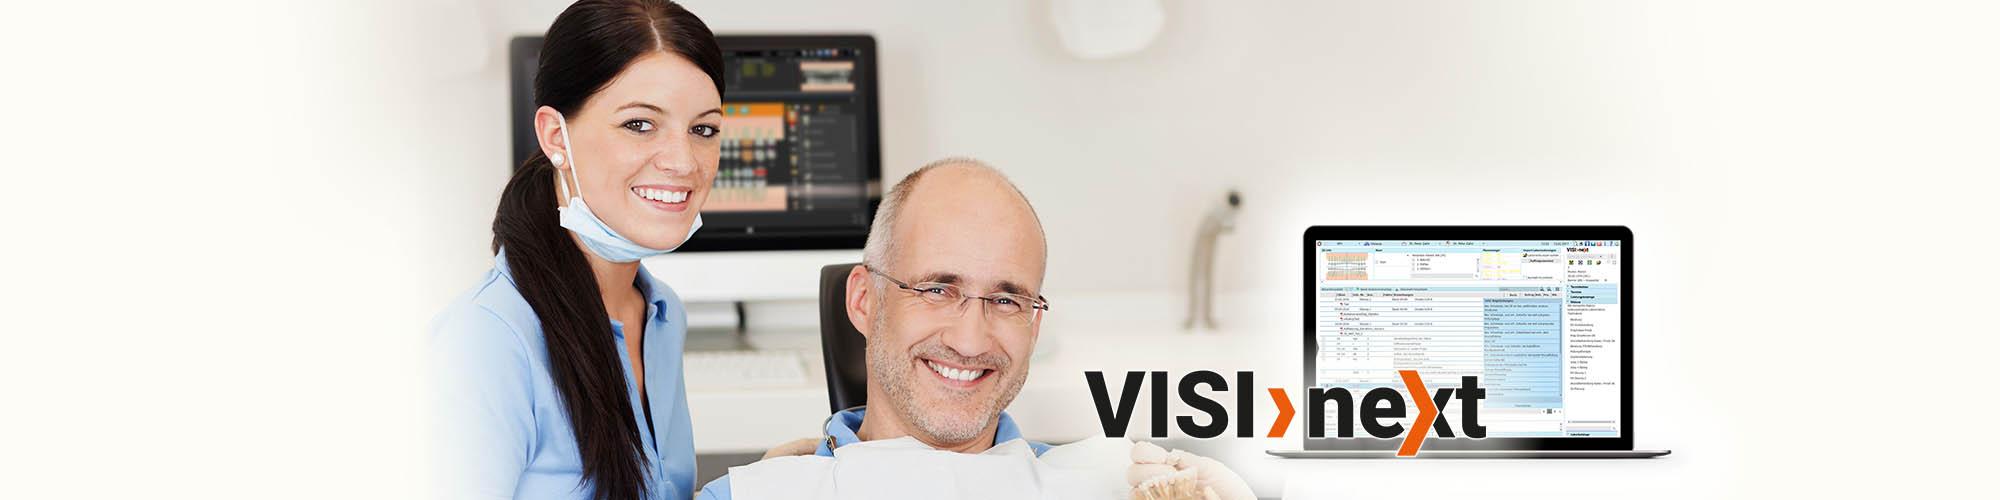 VISInext für Zahnmedizinische Fachangestellte - Behandeln - BDV Branchen-Daten-Verarbeitung GmbH